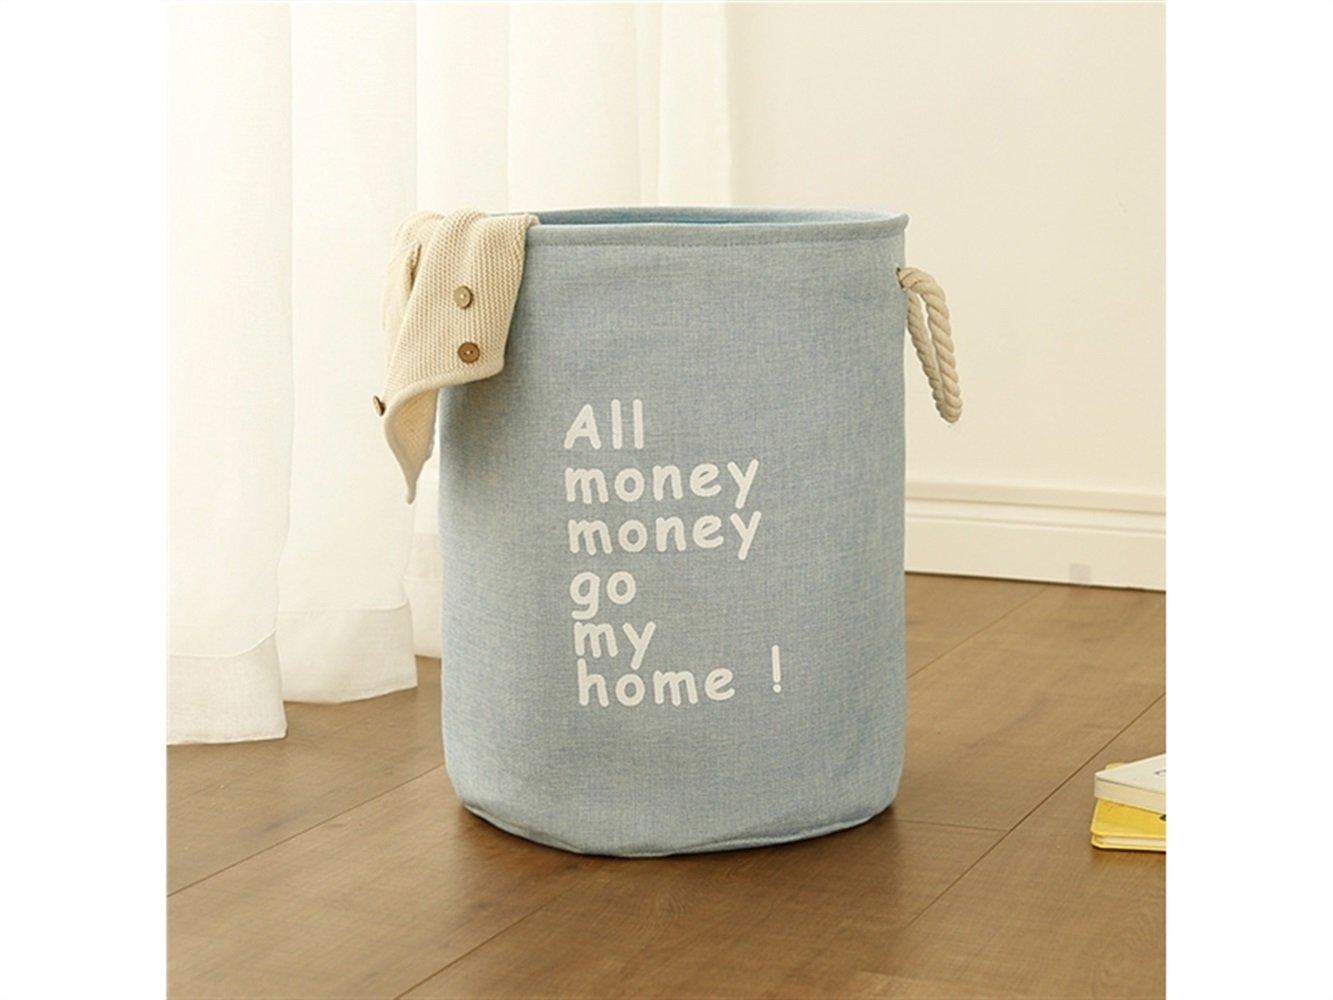 Gelaiken Lightweight Cylindrical Tote Storage Bucket Cotton and Linen Bucket Sundries Storage Bucket(Blue)